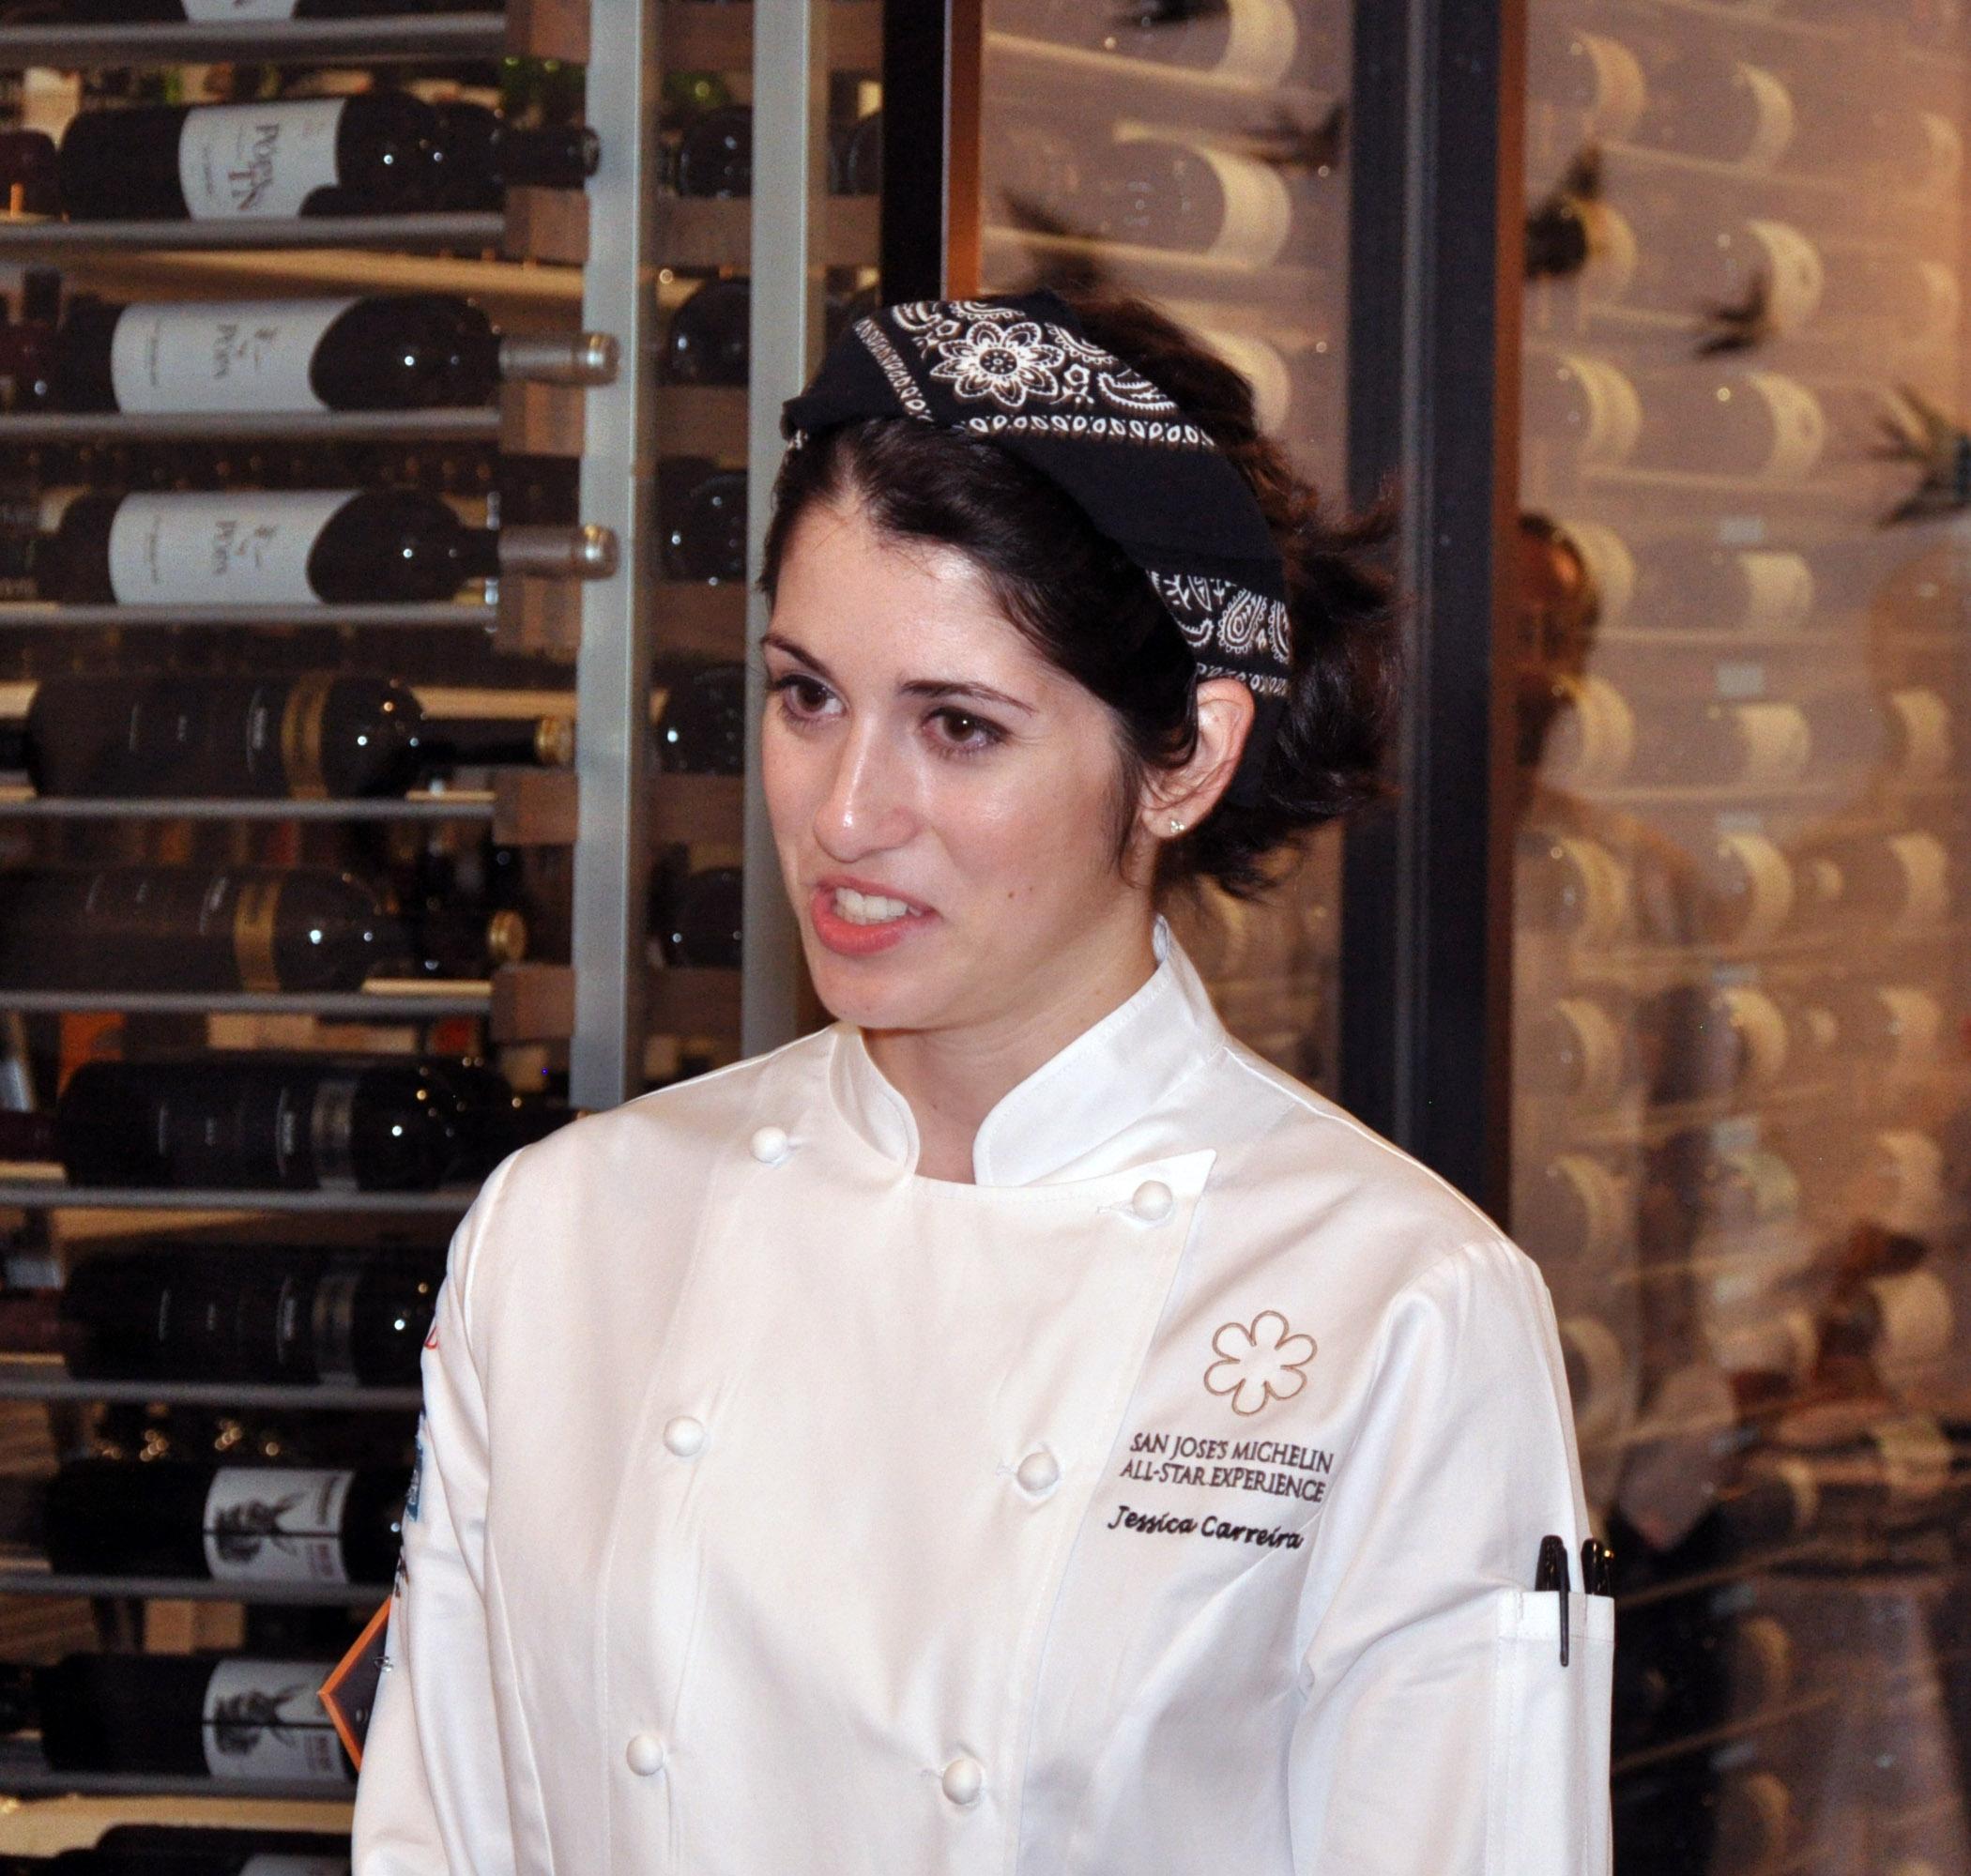 7. Adega chef Jessica